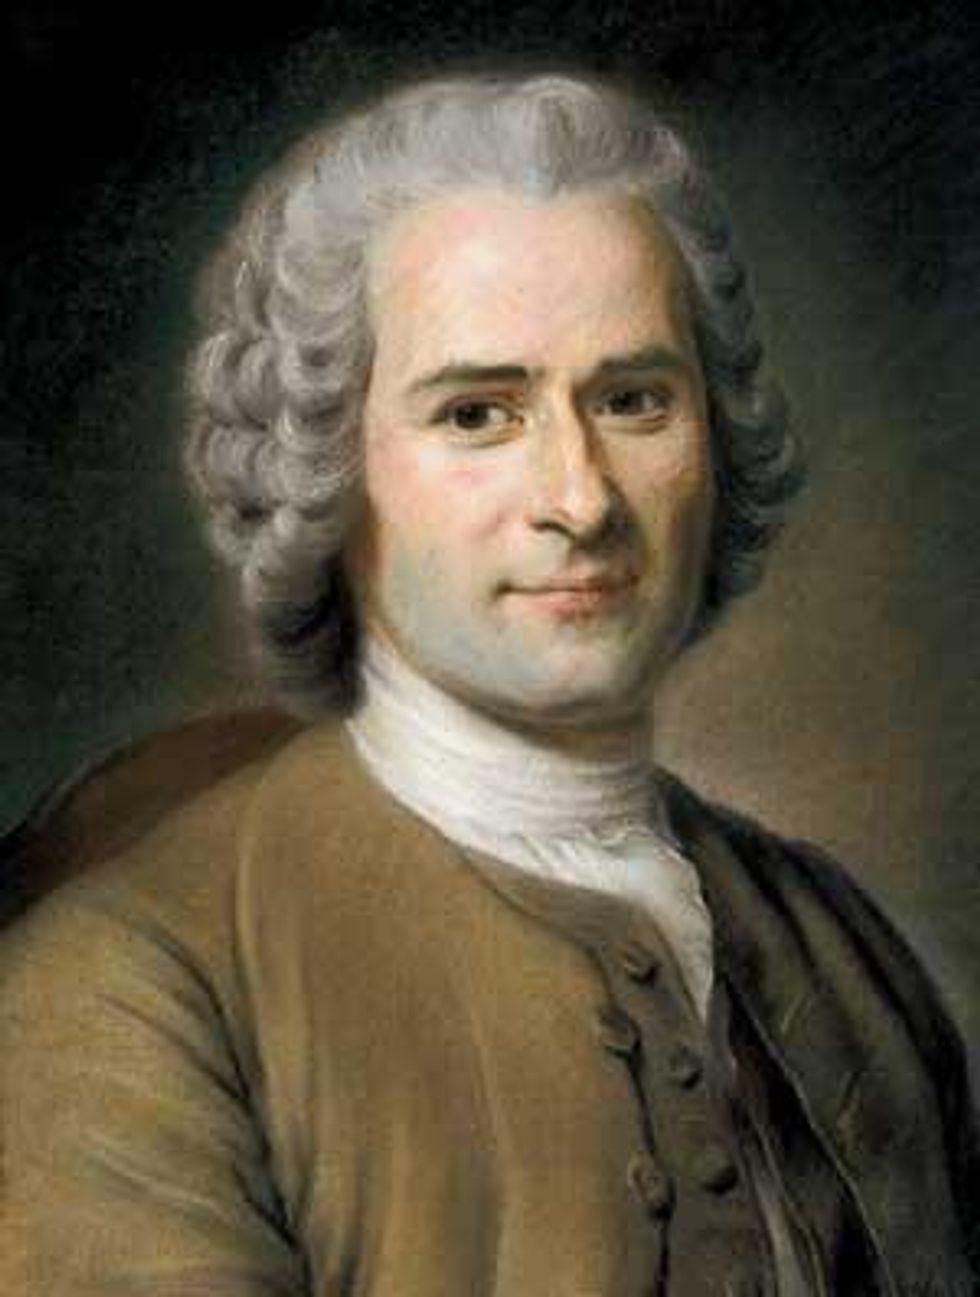 Rousseau compie gli anni: due libri e una polemica per ricordarlo